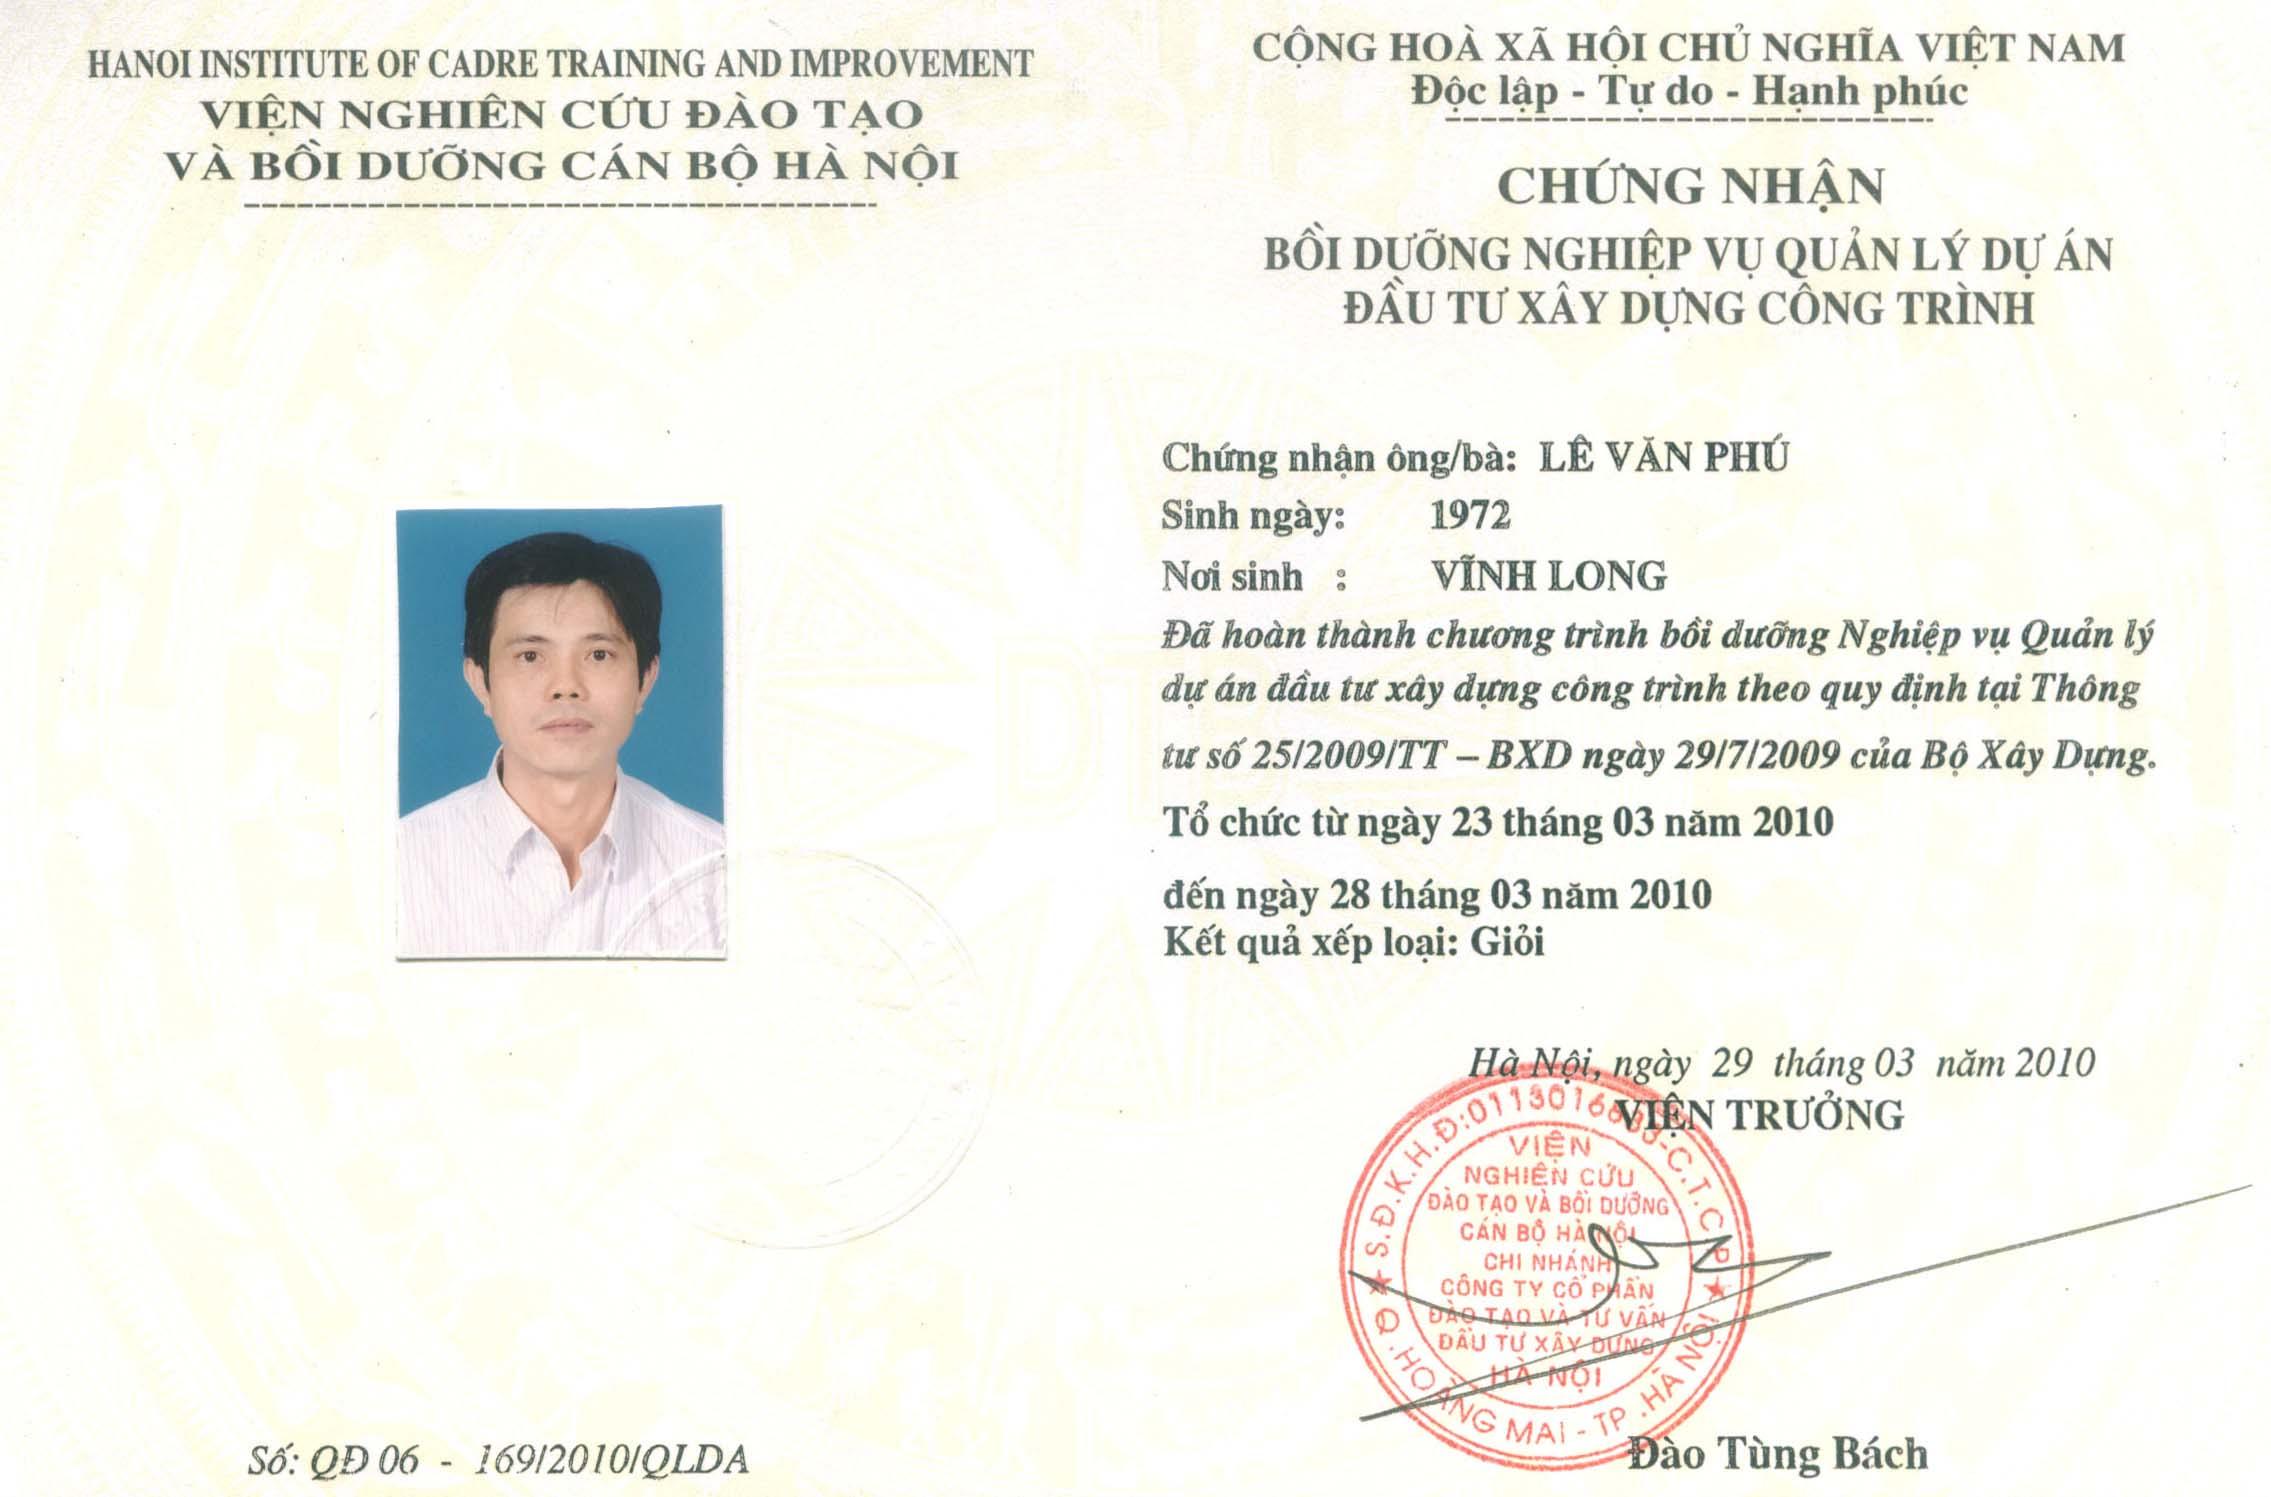 Khai giảng lớp học quản lý dự án, Cấp chứng chỉ quản lý dự án 0982640468